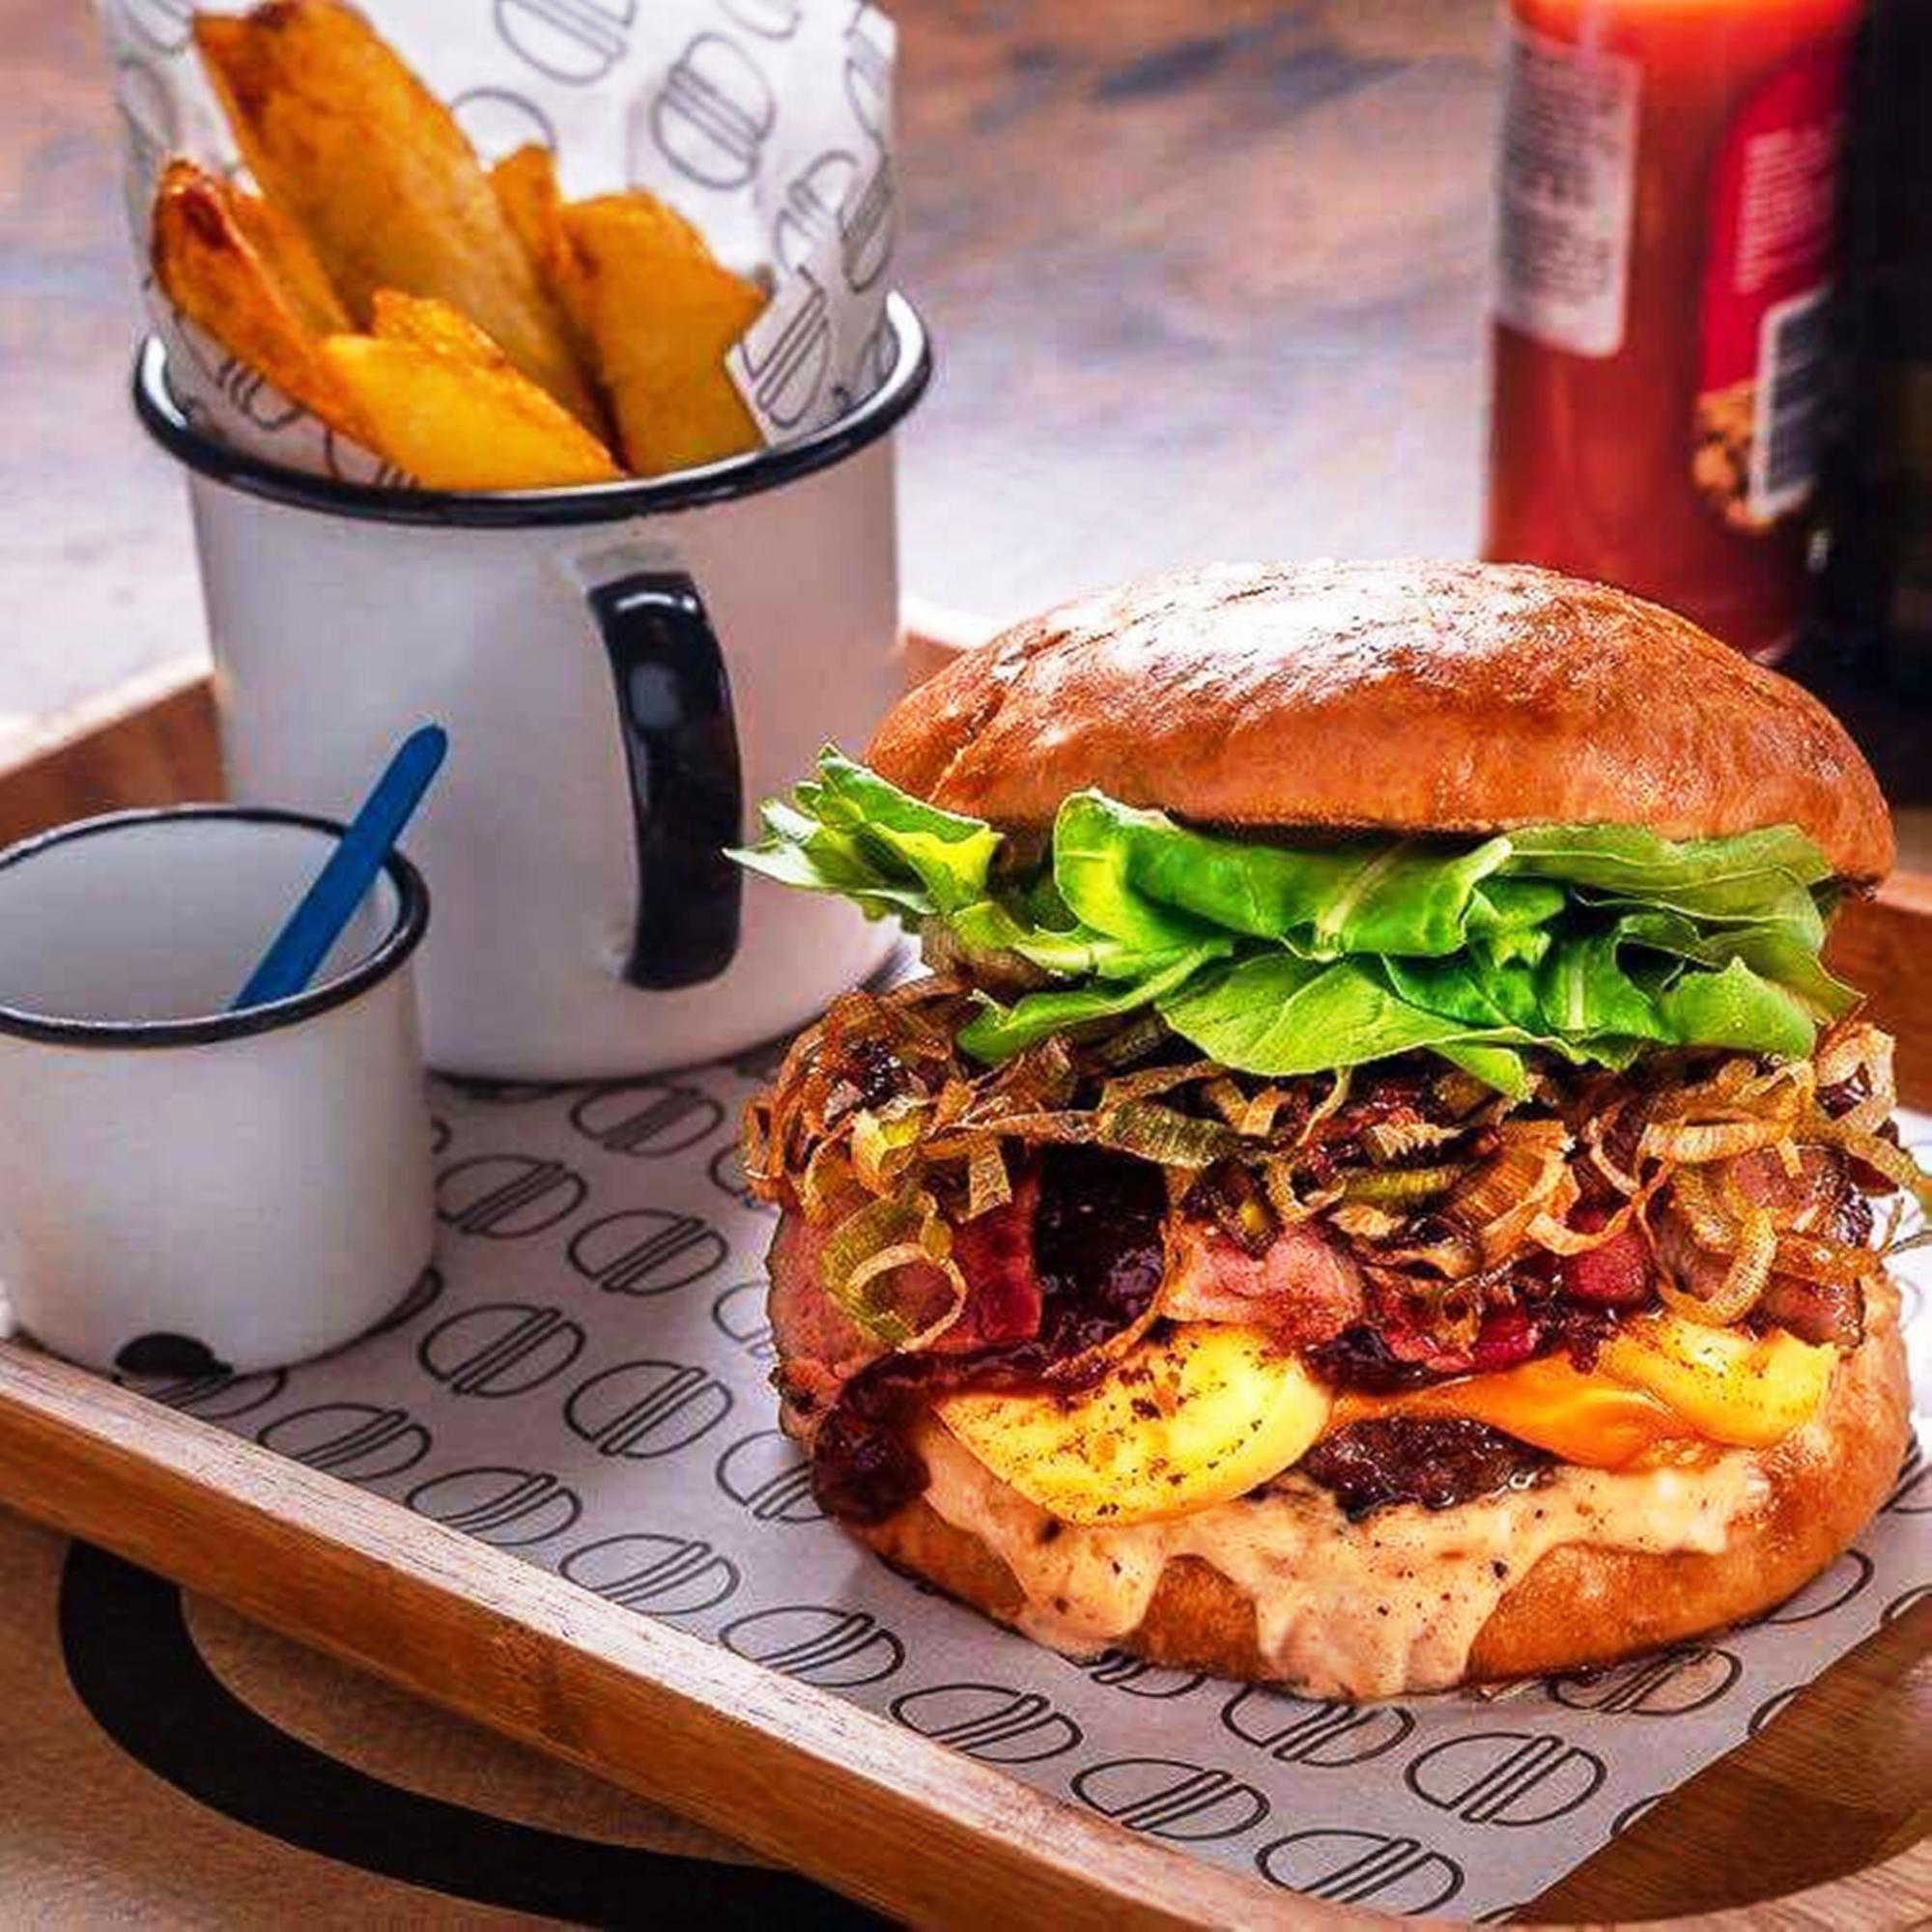 Festa de rua comemora dia mundial do hambúrguer com shows gratuitos no domingo, dia 28 de maio, em Porto Alegre